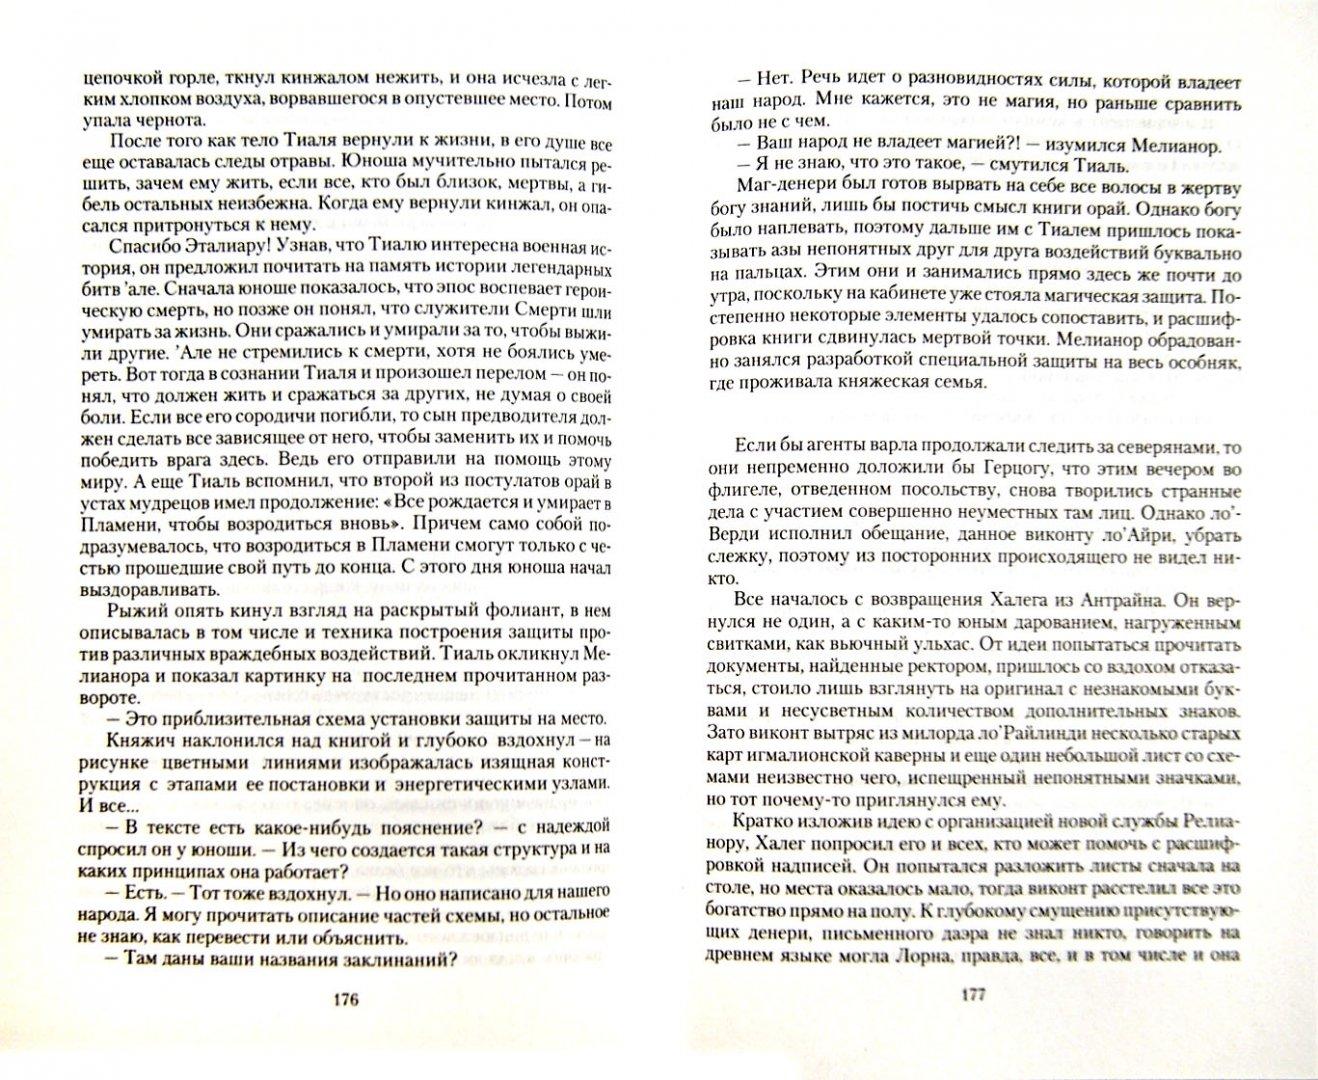 Иллюстрация 1 из 7 для Витой Посох. Преодоление - Иар Эльтеррус | Лабиринт - книги. Источник: Лабиринт